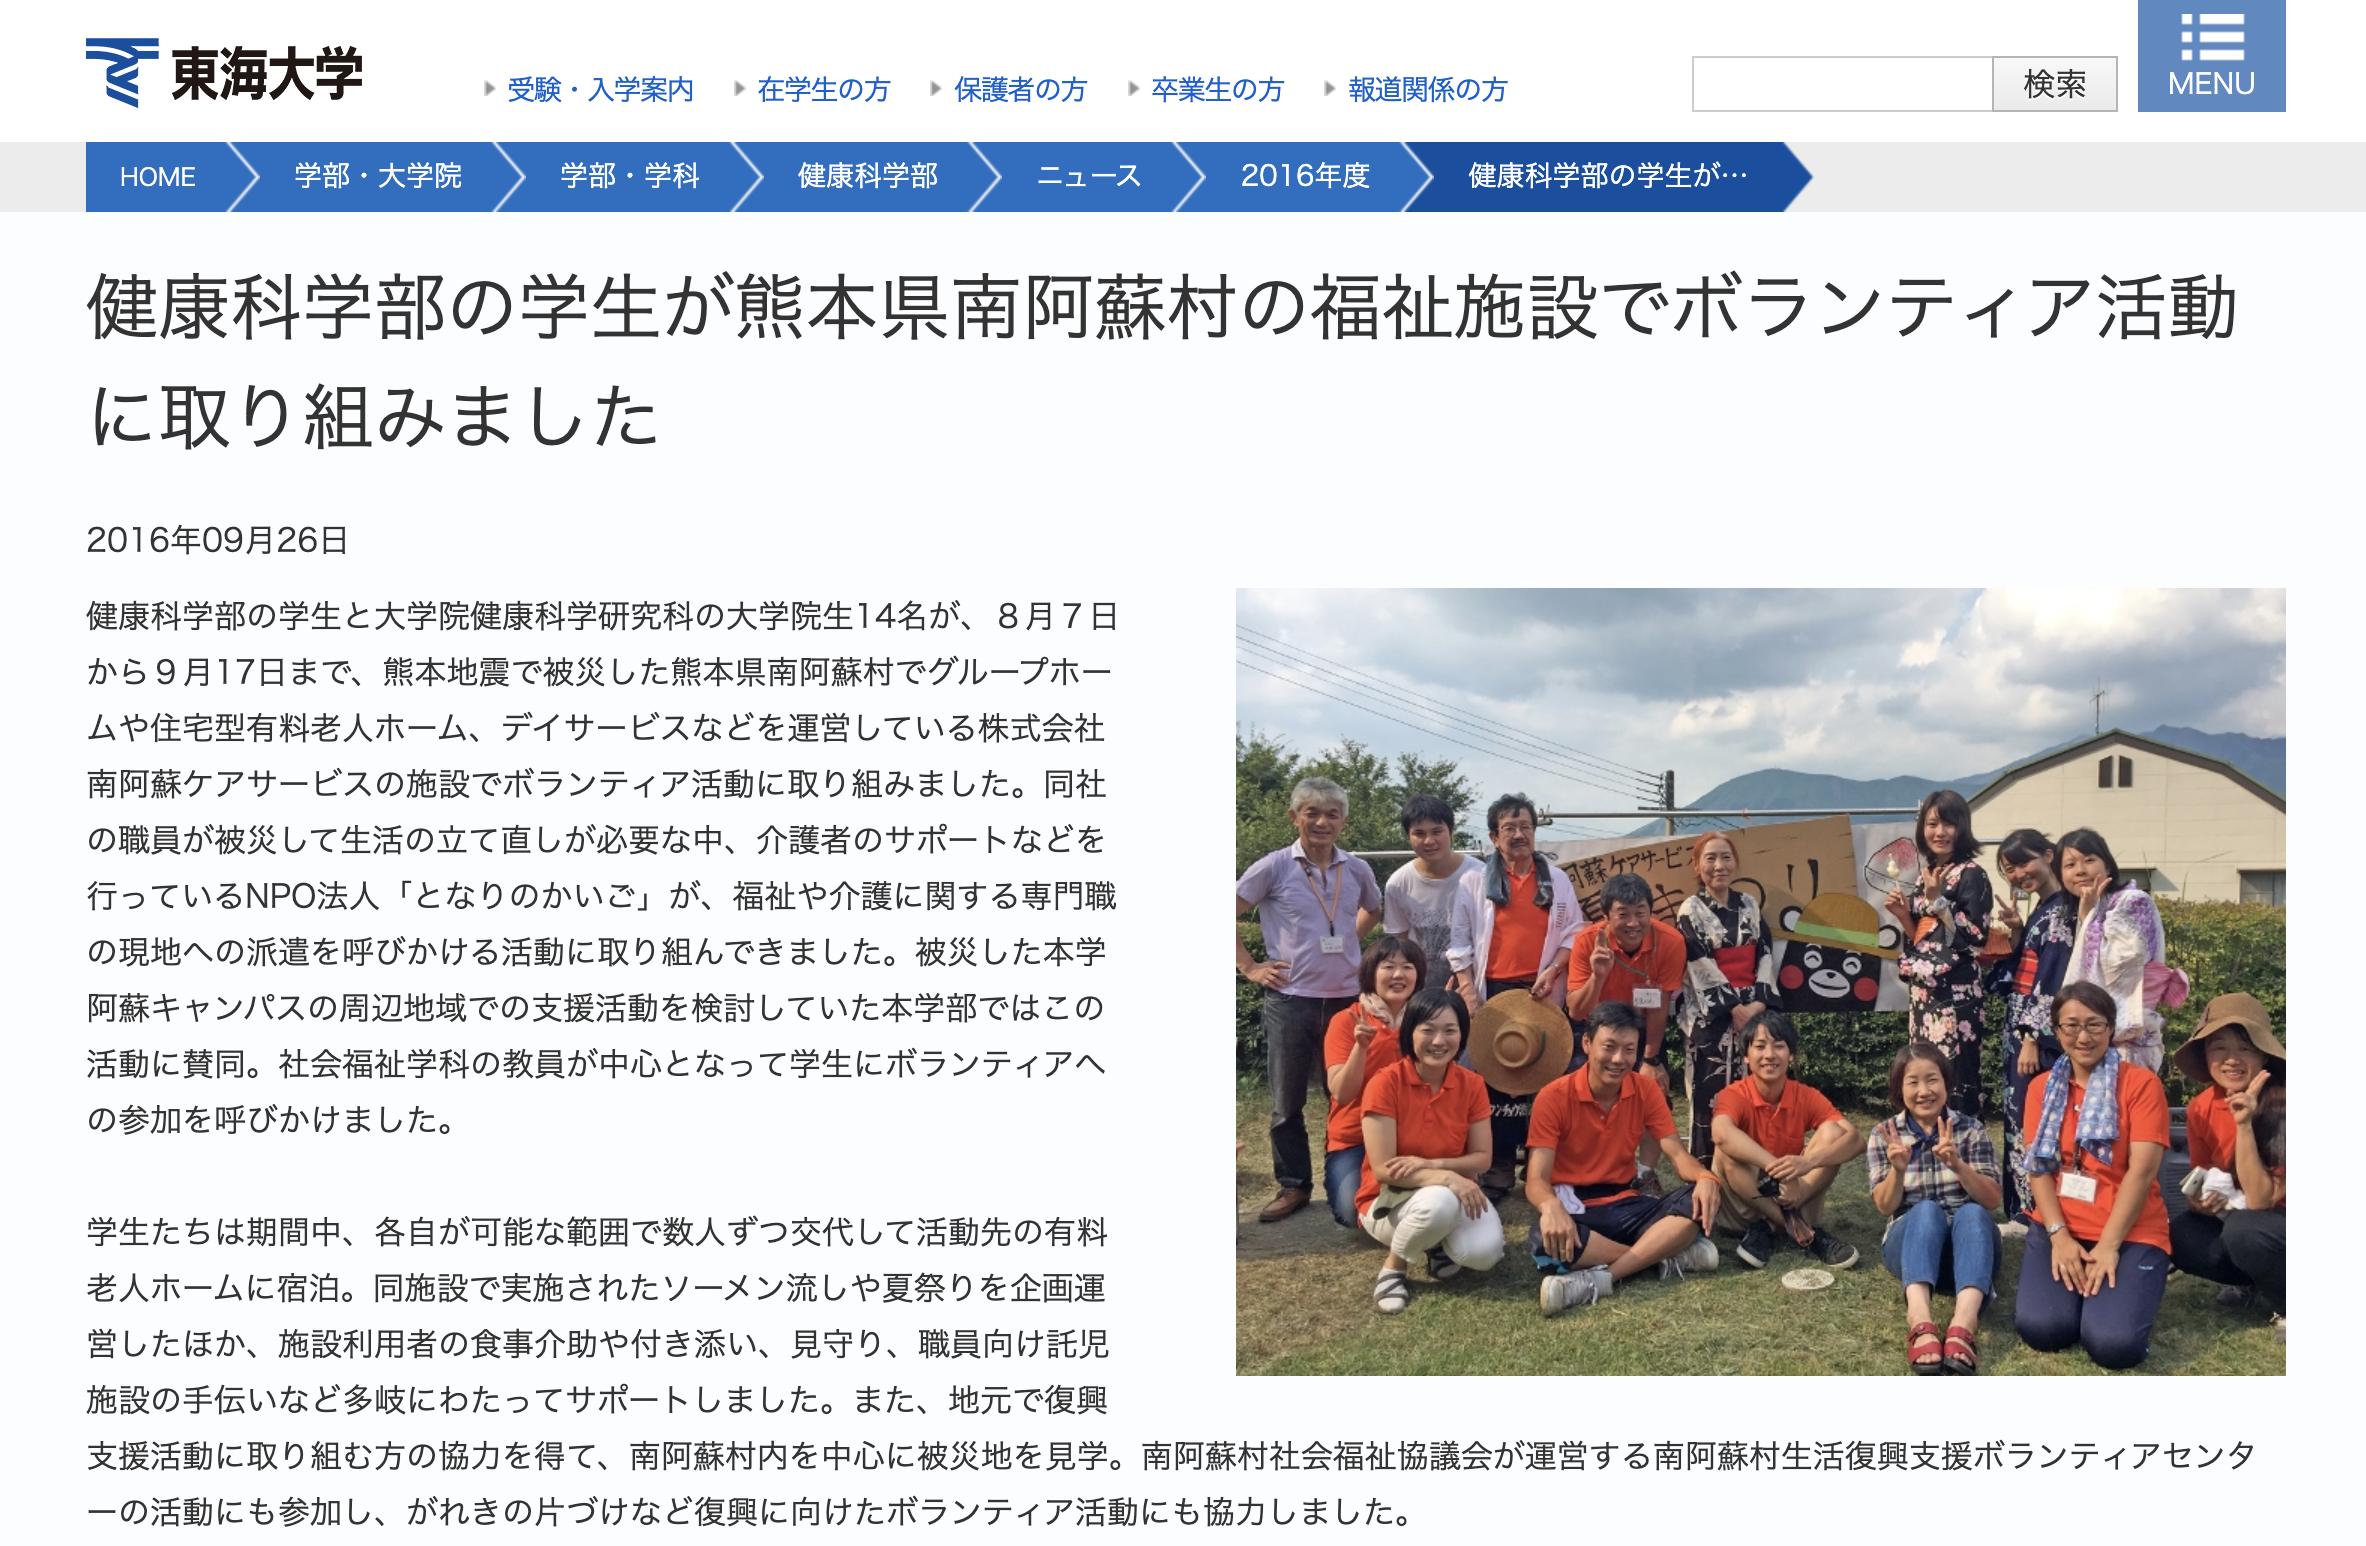 東海大学ホームページ『健康科学部の学生が熊本県南阿蘇村の福祉施設でボランティア活動に取り組みました』